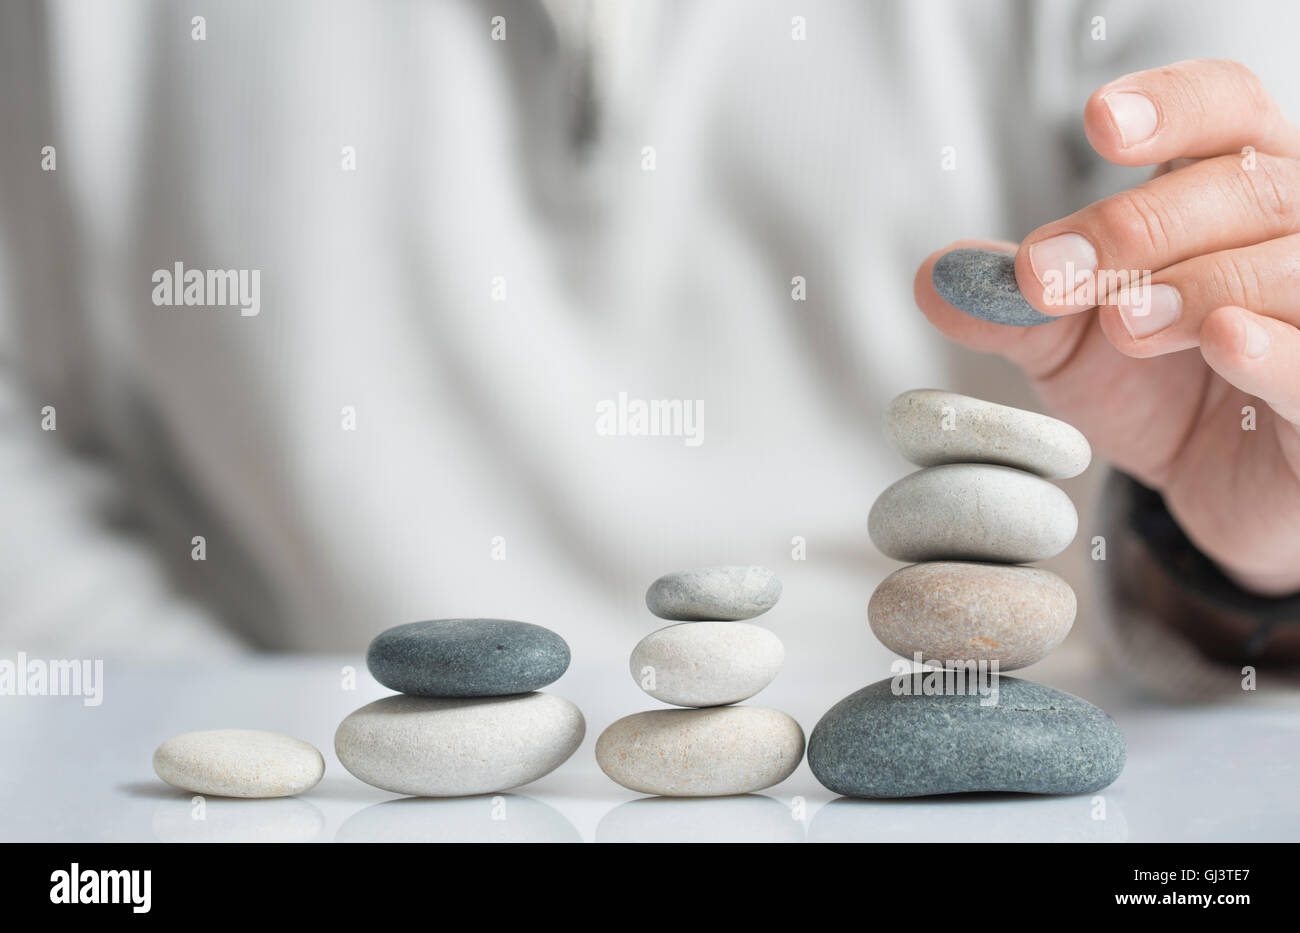 Horizontales Bild eines Mannes Stapeln Kieselsteine auf einem Tisch mit Exemplar für Text. Konzept des Risikomanagements Stockbild